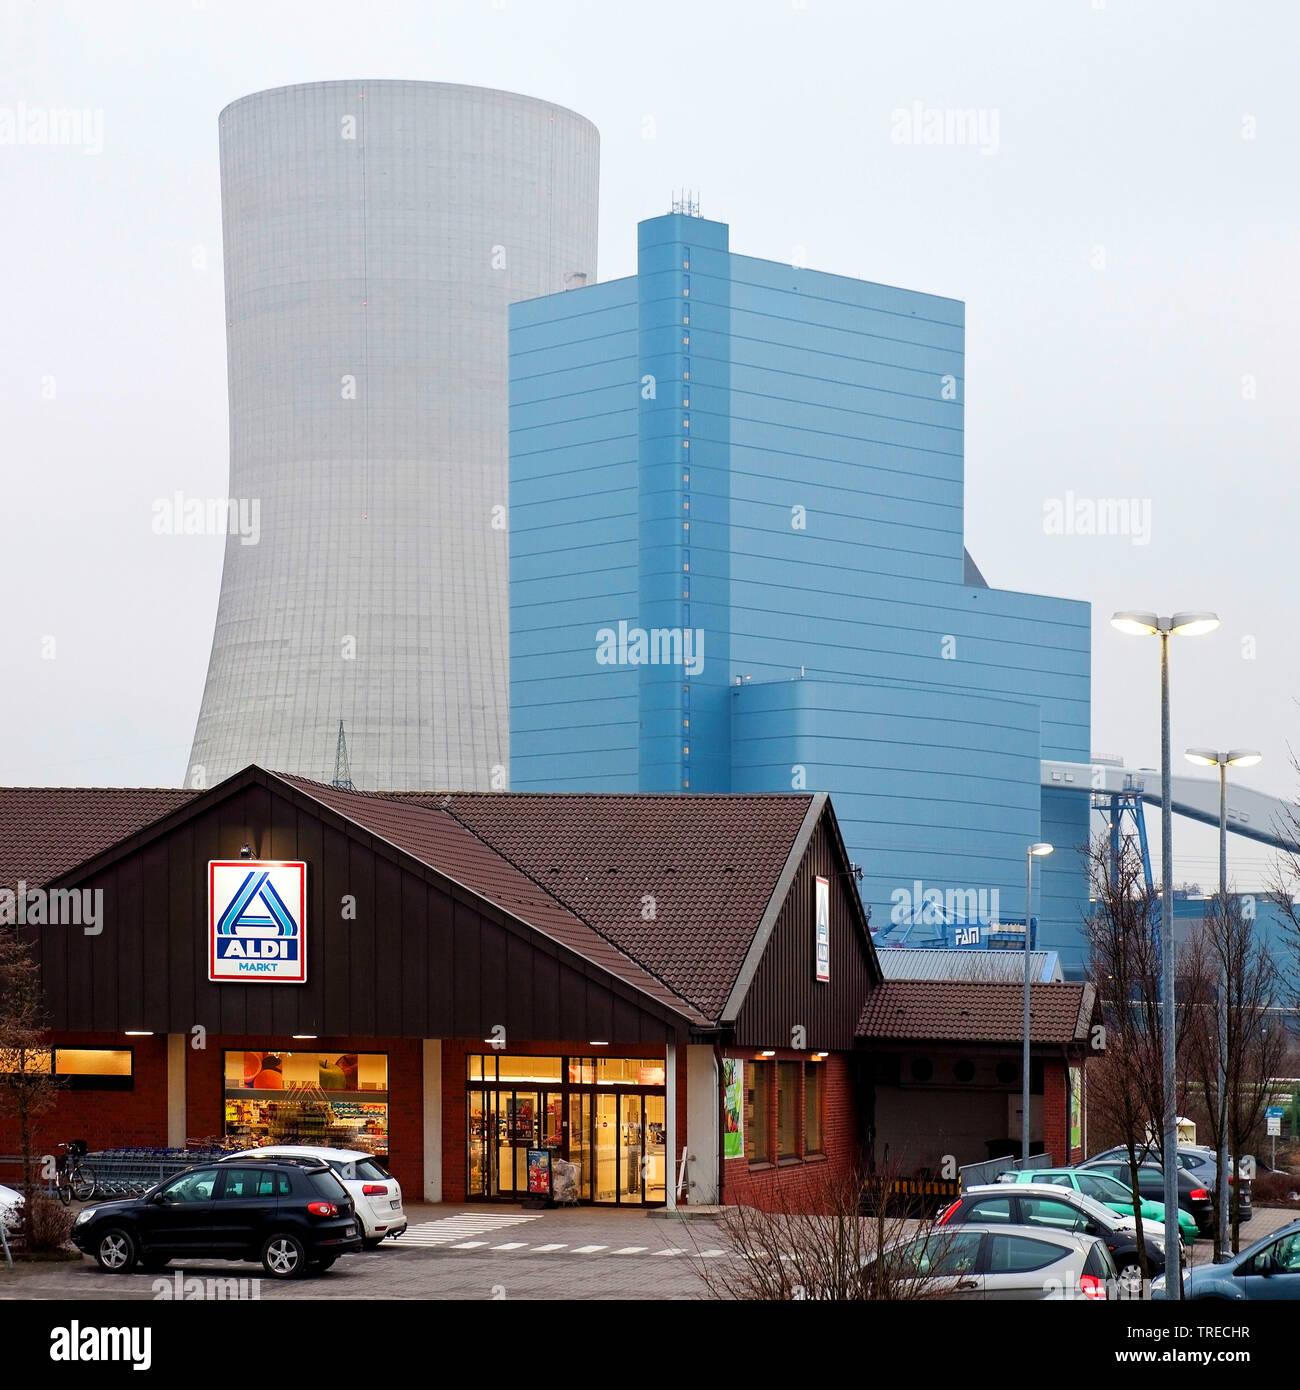 Discounter und Steinkohlekraftwerk Datteln mit Block 4 der Firma Uniper, Kohleausstieg 2038, Deutschland, Nordrhein-Westfalen, Ruhrgebiet, Datteln | d - Stock Image